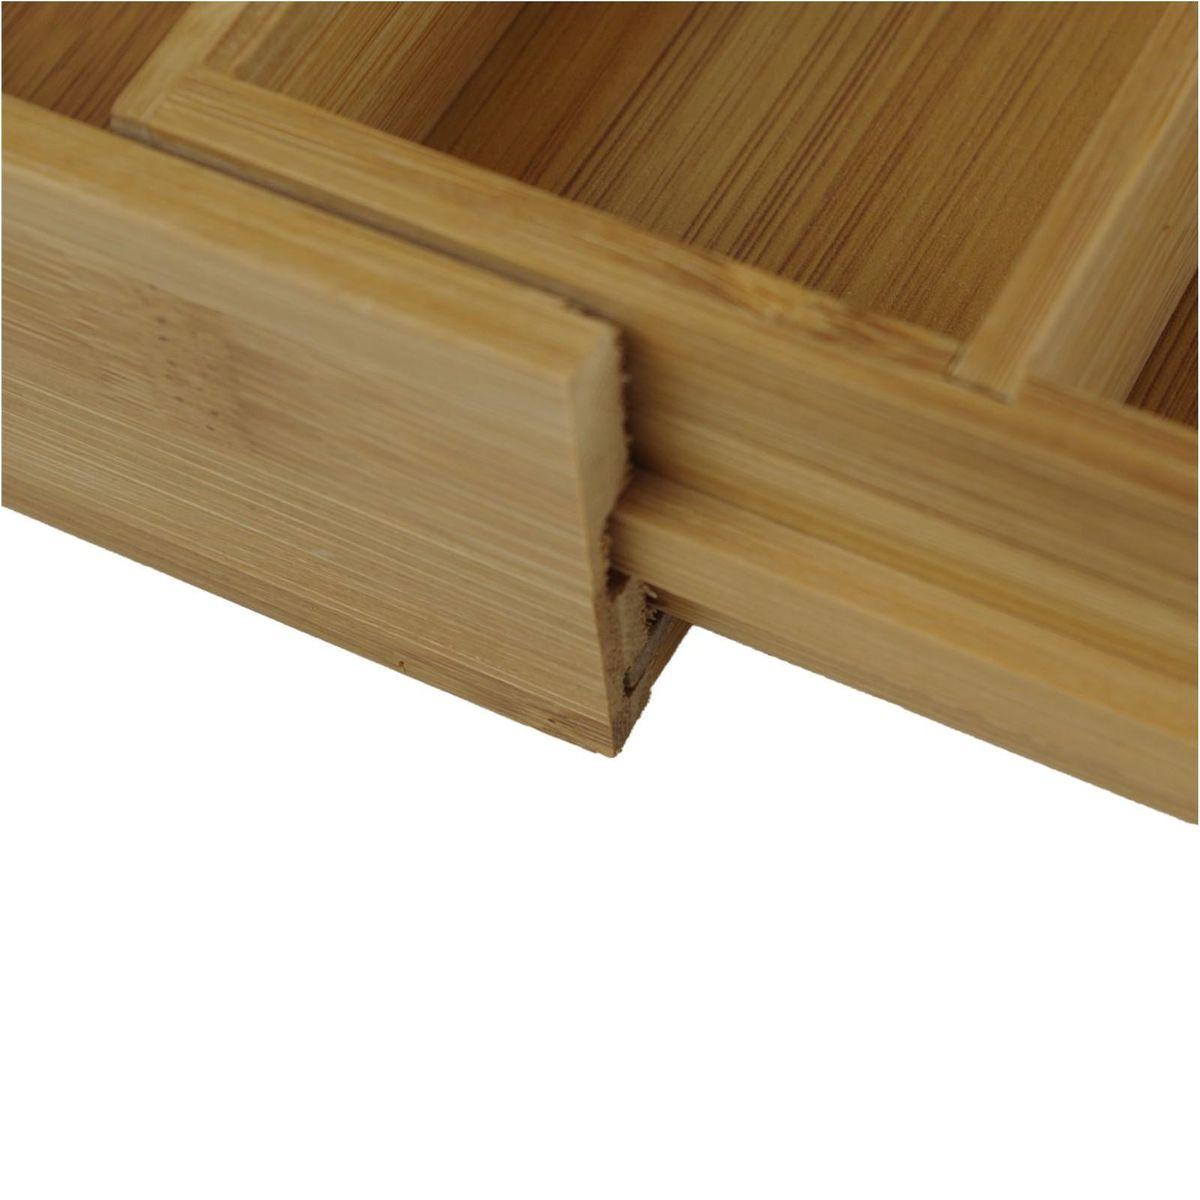 Full Size of Schubladeneinsatz Teller Bambus Besteckkasten Ausziehbar 28 45x33x5cm Schubladen Einsatz Sofa Hersteller Küche Wohnzimmer Schubladeneinsatz Teller